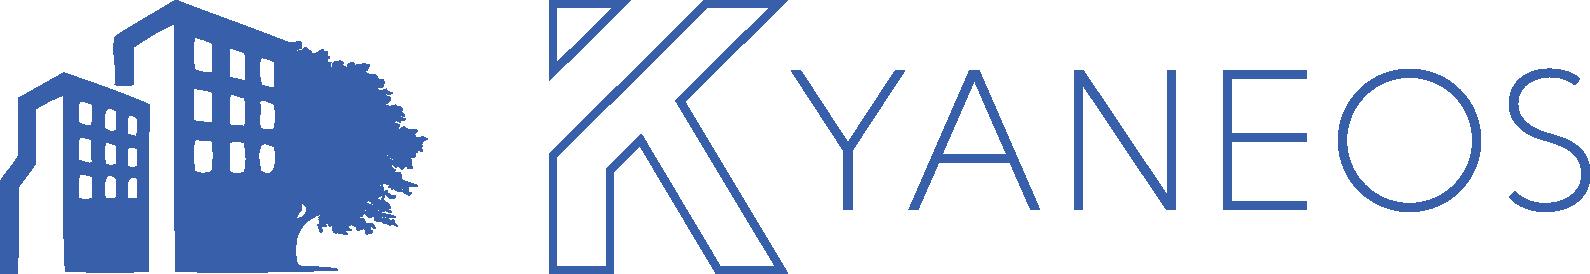 KYANEOS logo